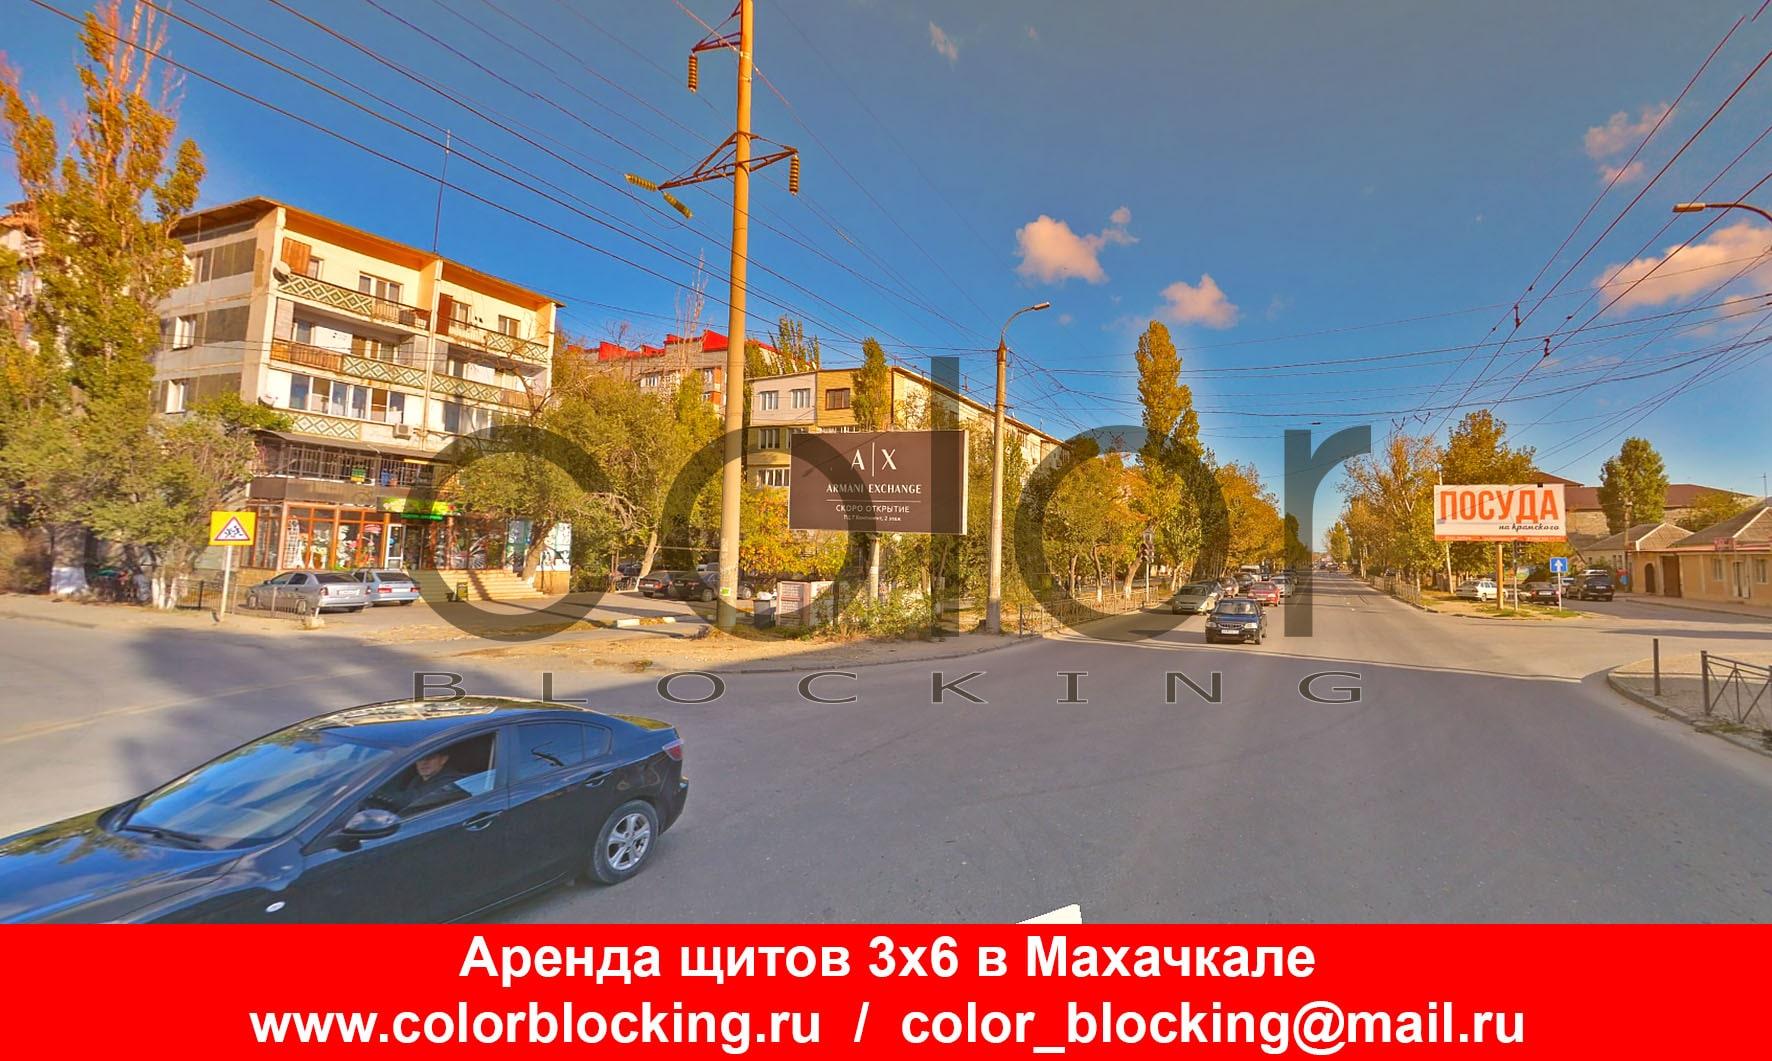 Наружная реклама в Махачкале щиты 6х3